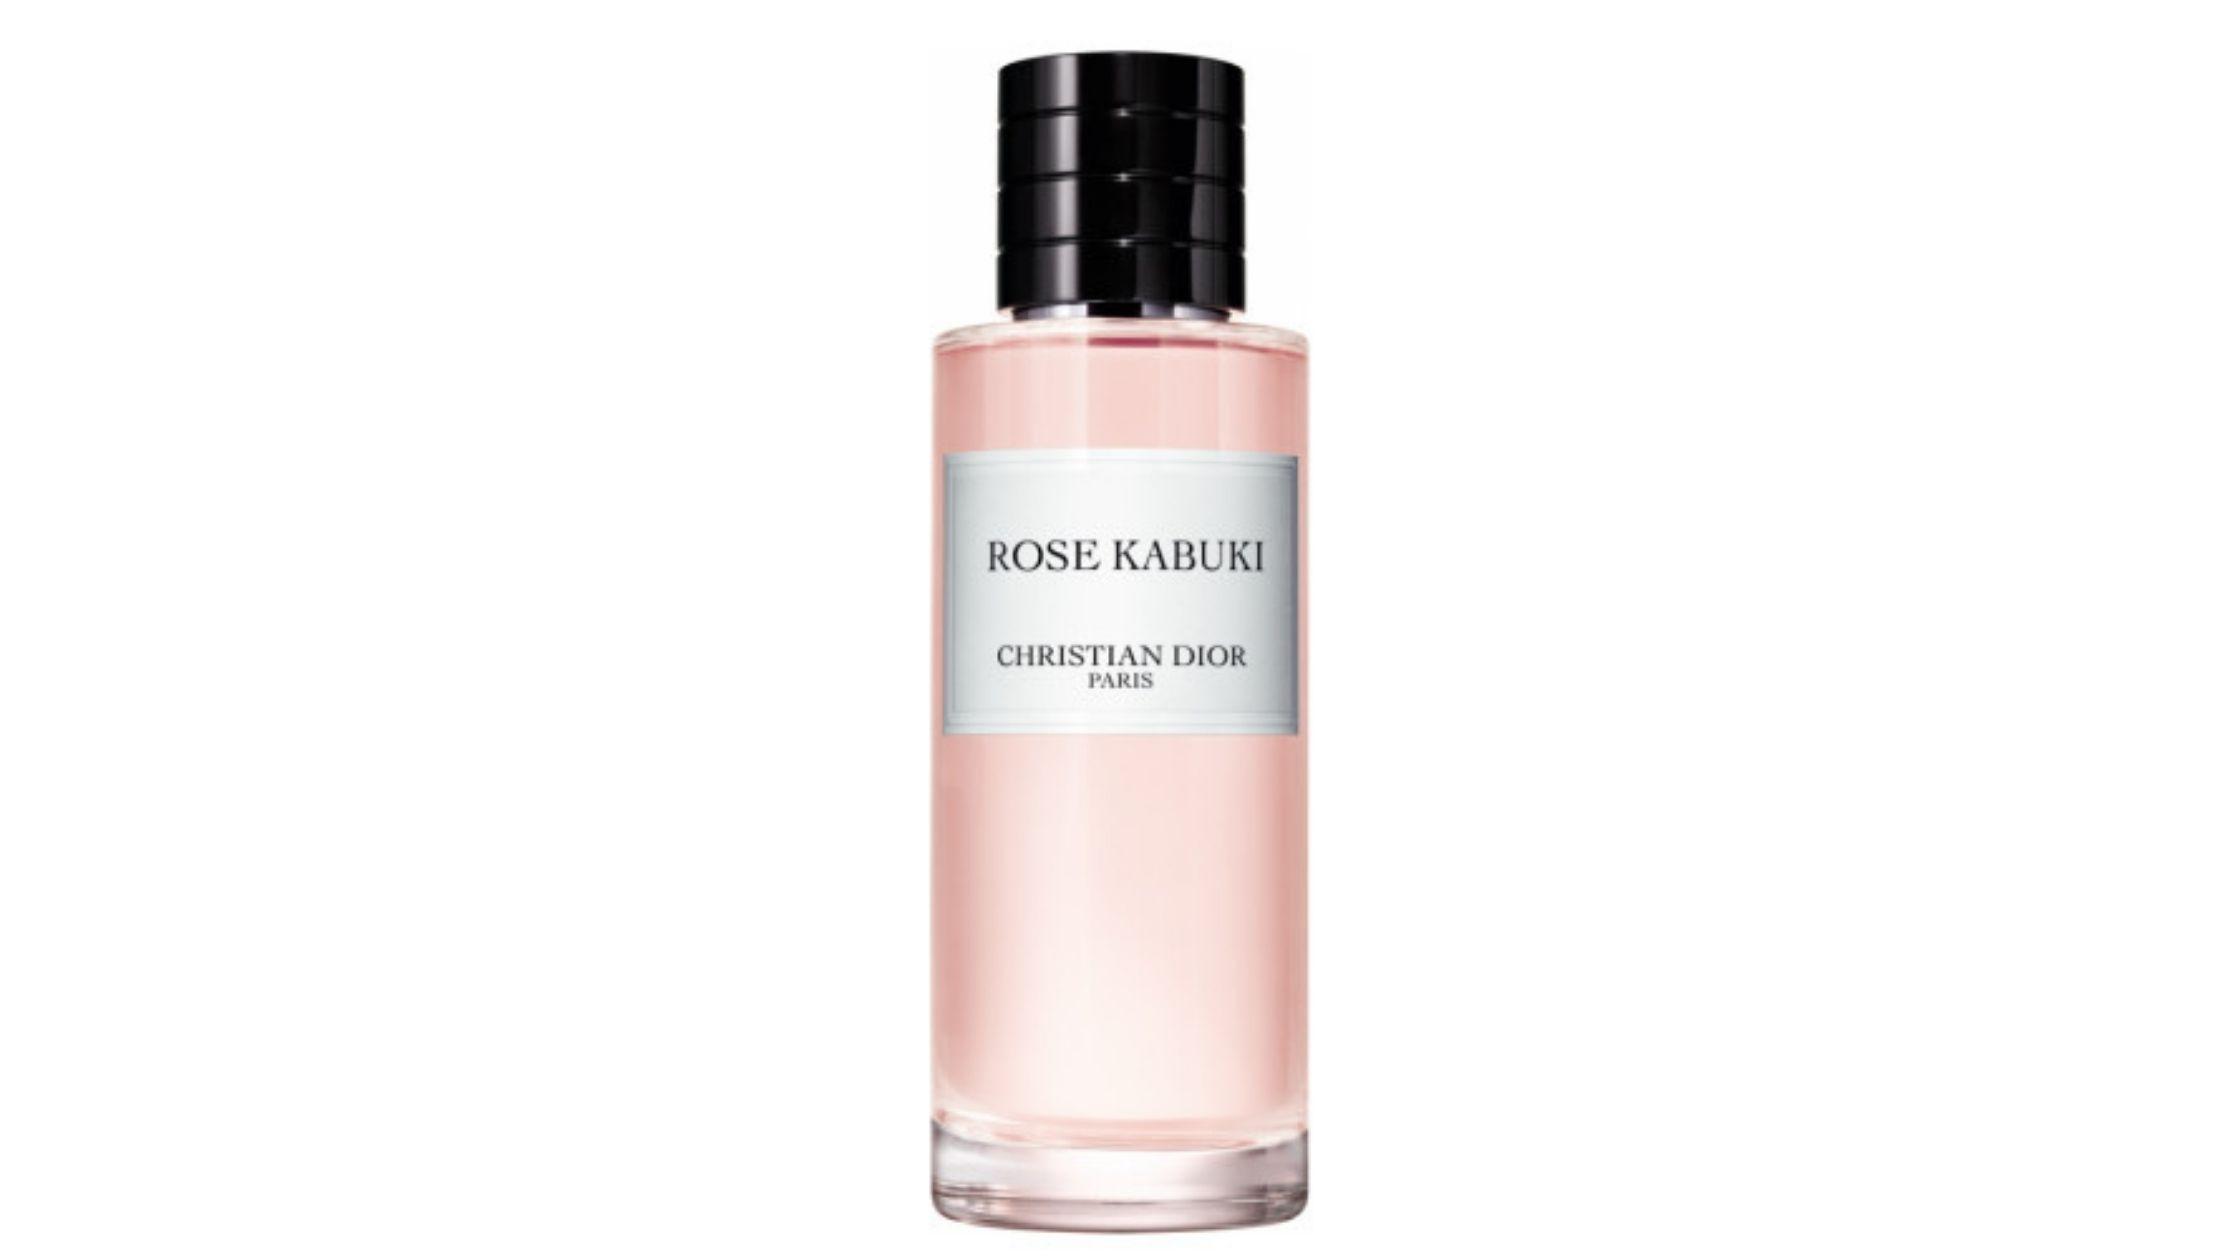 ローズカブキ Rose Kabuki メゾン クリスチャン ディオール(MaisonChristian Dior)